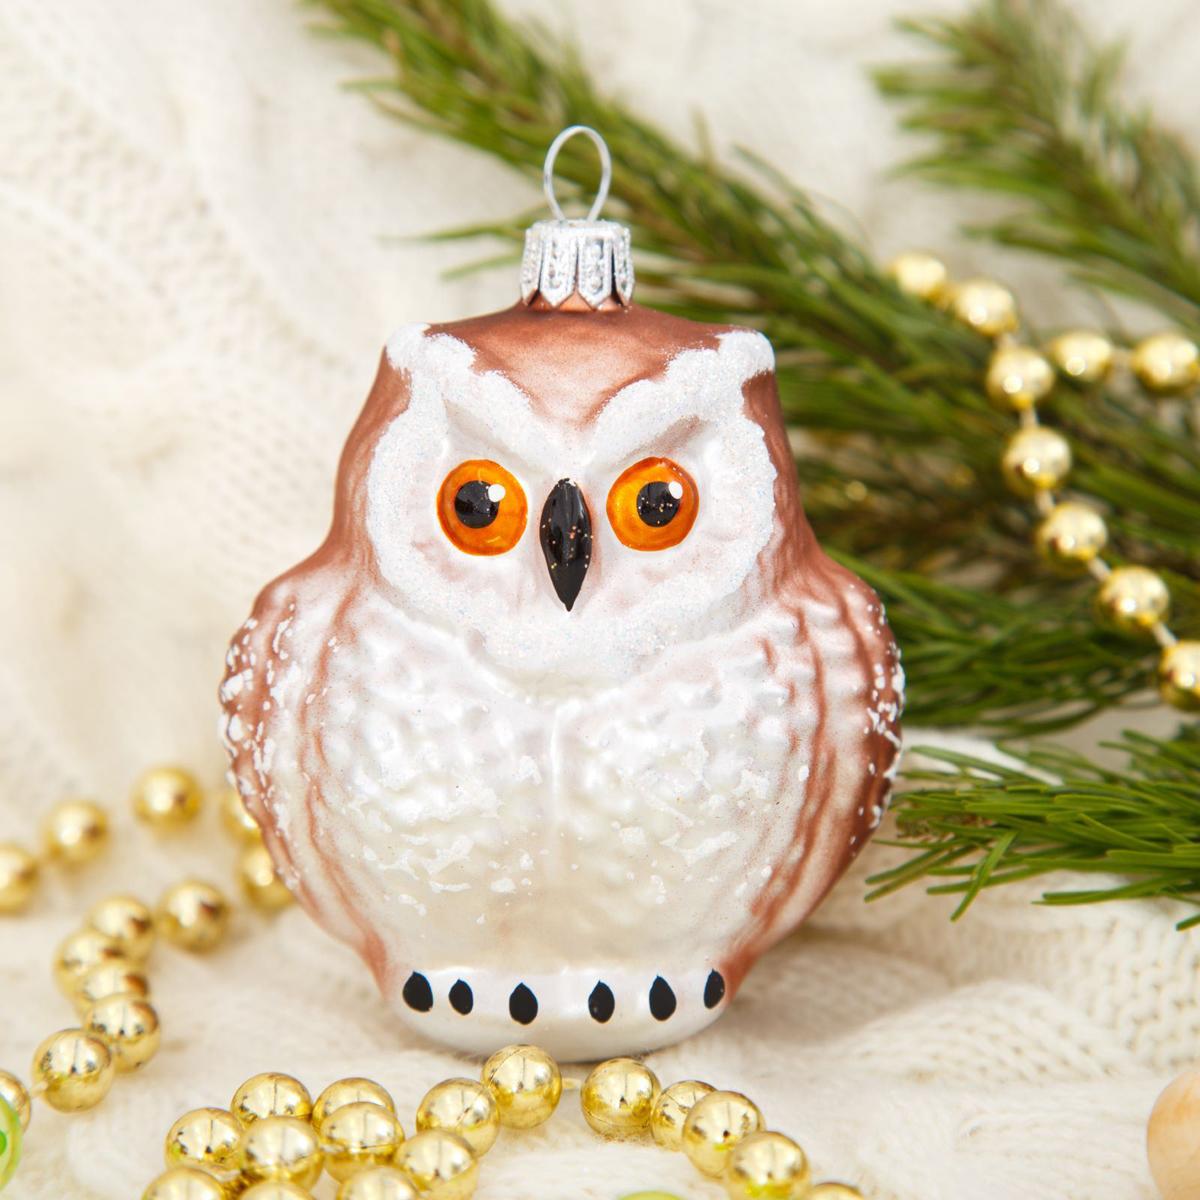 Новогоднее подвесное украшение Ёлочка Филин, 11 х 8 х 6,5 см1721449Новогоднее подвесное украшение Ёлочка отлично подойдет для декорации вашего дома и новогодней ели. Новогоднее украшение можно повесить в любом понравившемся вам месте. Но, конечно, удачнее всего оно будет смотреться на праздничной елке.Елочная игрушка - символ Нового года. Она несет в себе волшебство и красоту праздника. Такое украшение создаст в вашем доме атмосферу праздника, веселья и радости.